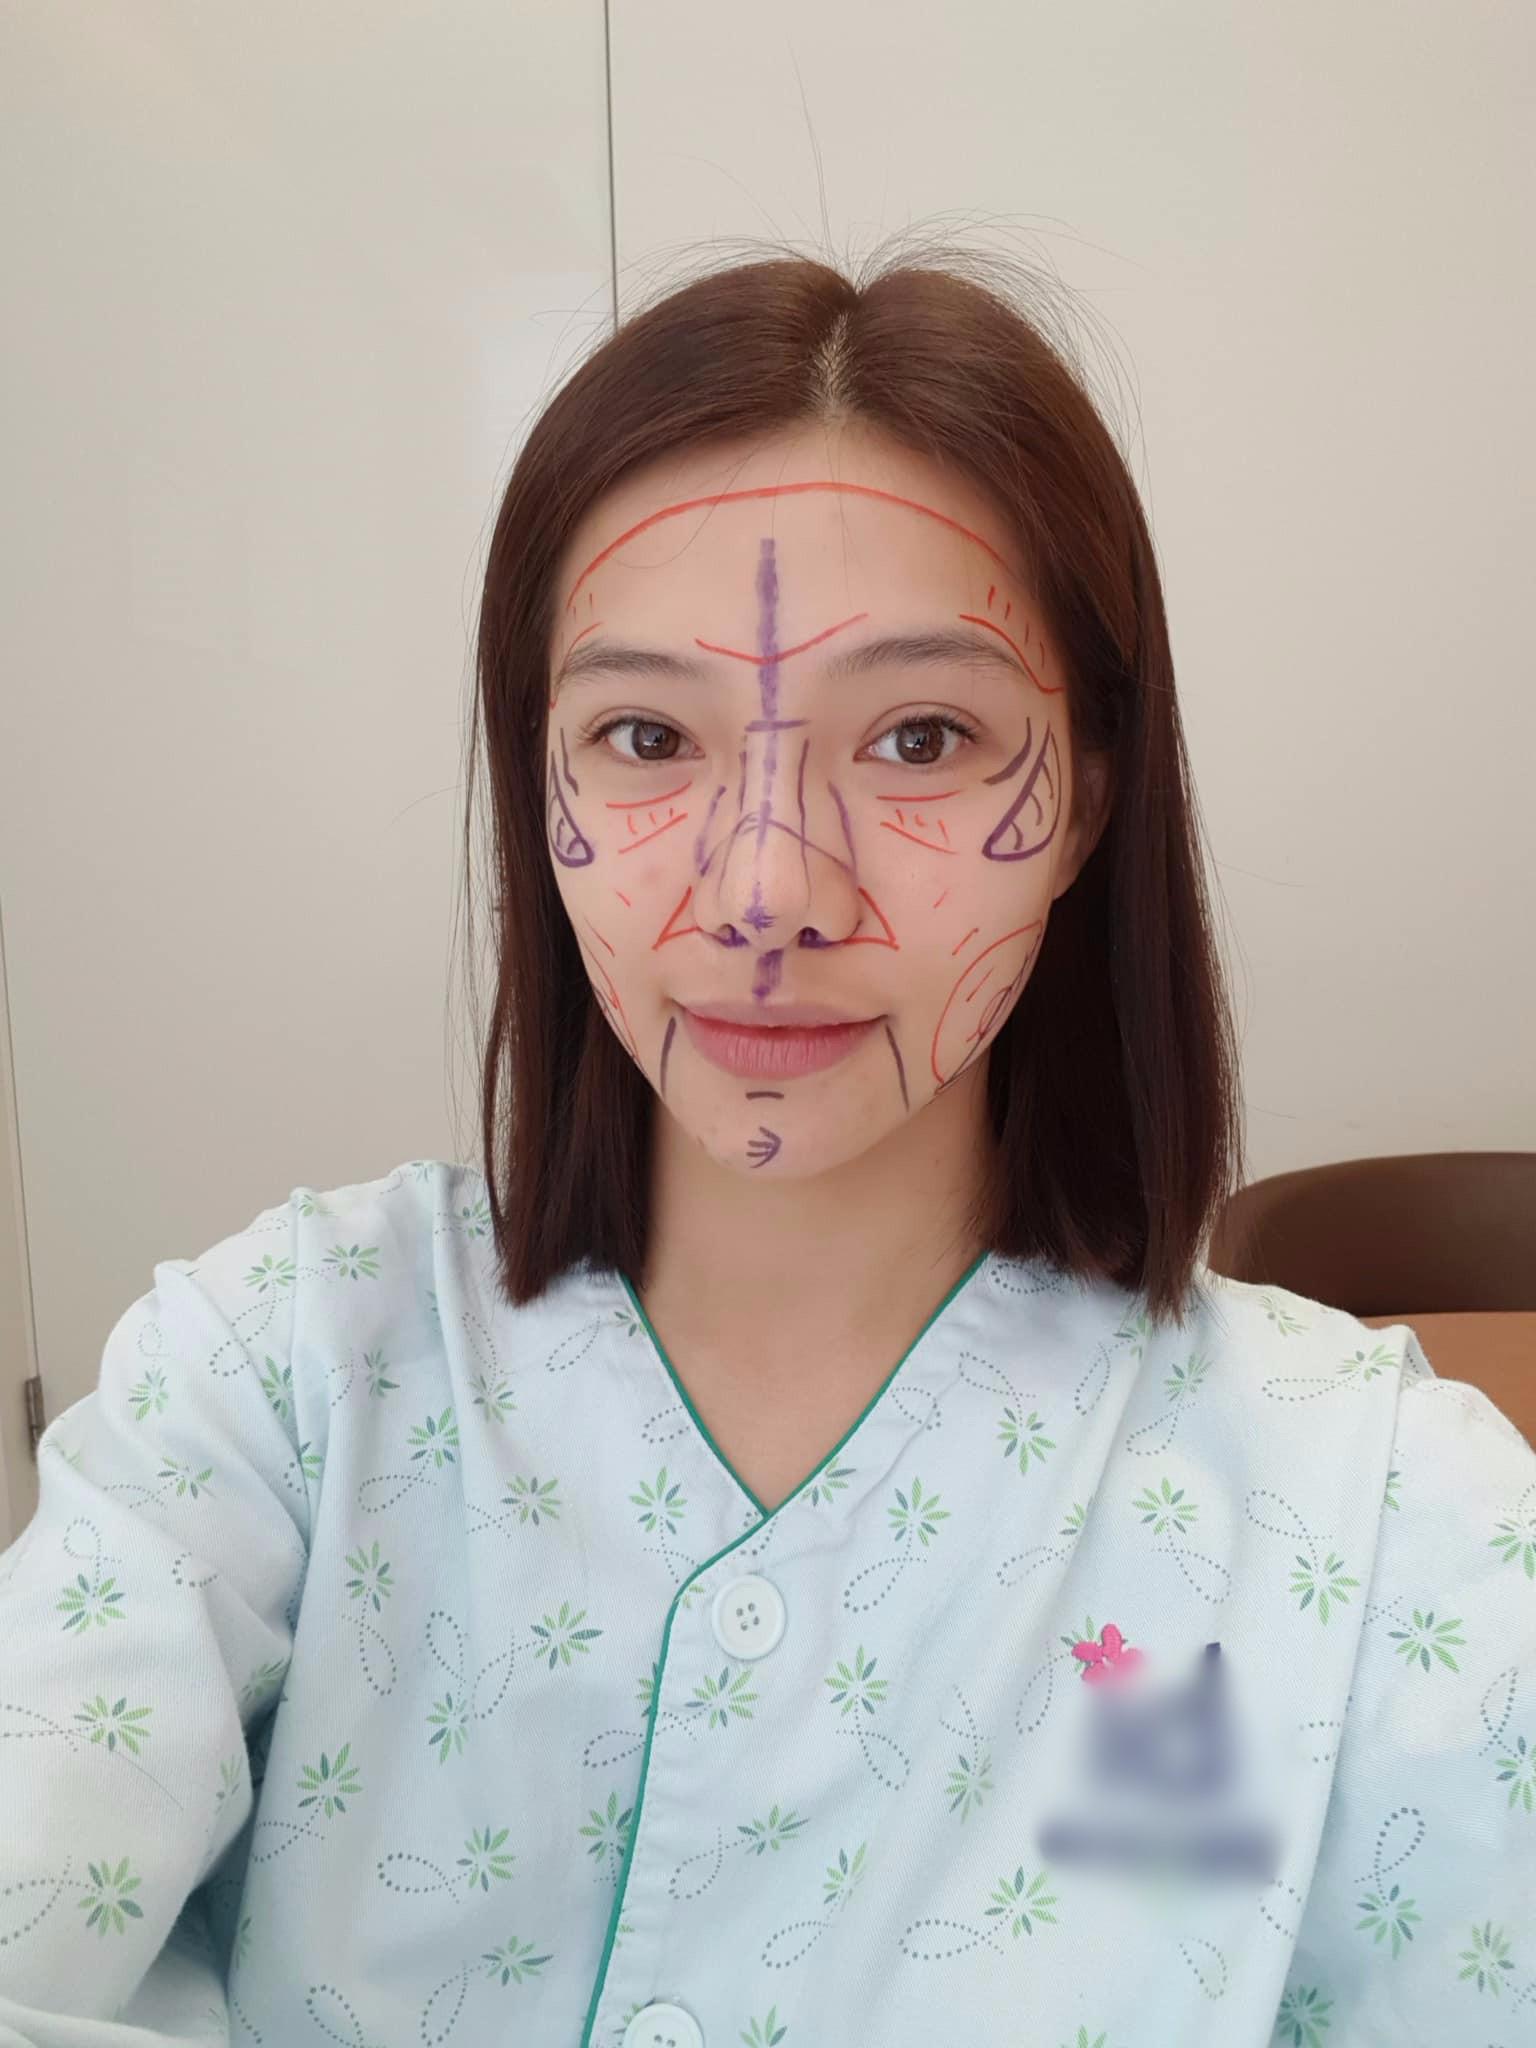 """VZN News: Lưu Đê Ly khoe trải qua 6 ca phẫu thuật ở Hàn để """"đập mặt làm lại"""", đẹp hay không chưa bàn chỉ biết là quá dũng cảm rồi! - Ảnh 2."""